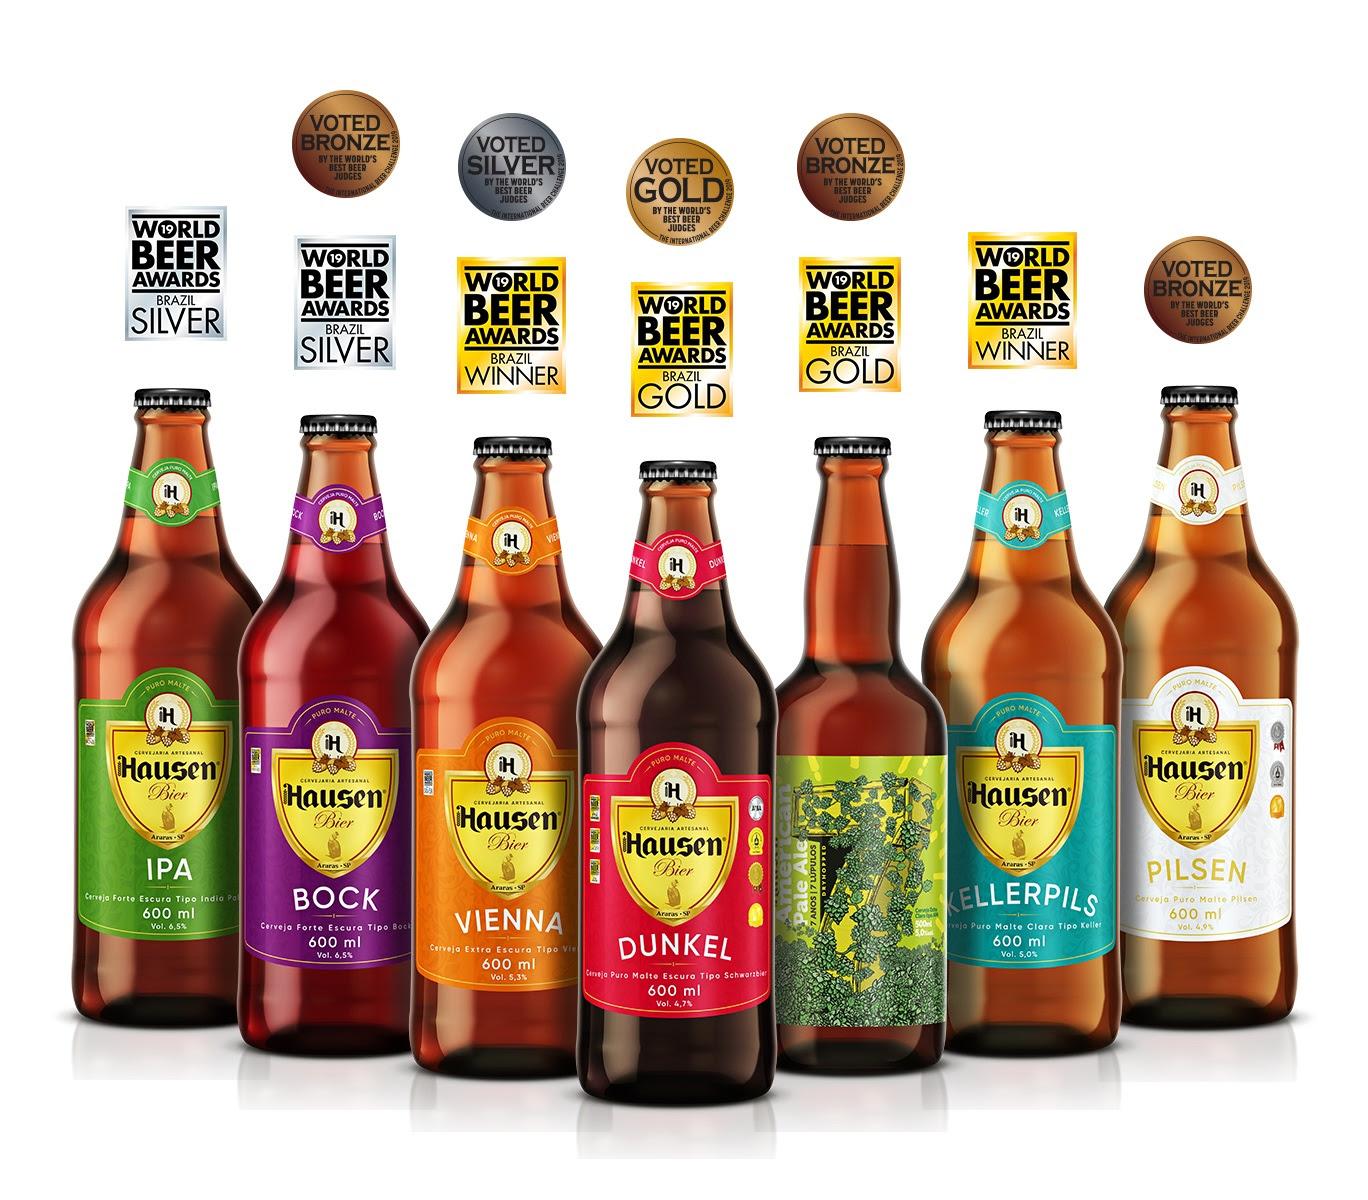 Cervejaria independente do interior paulista se destacou na mesma semana no International Beer Awards e no World Beer Awards (Foto: Divulgação)